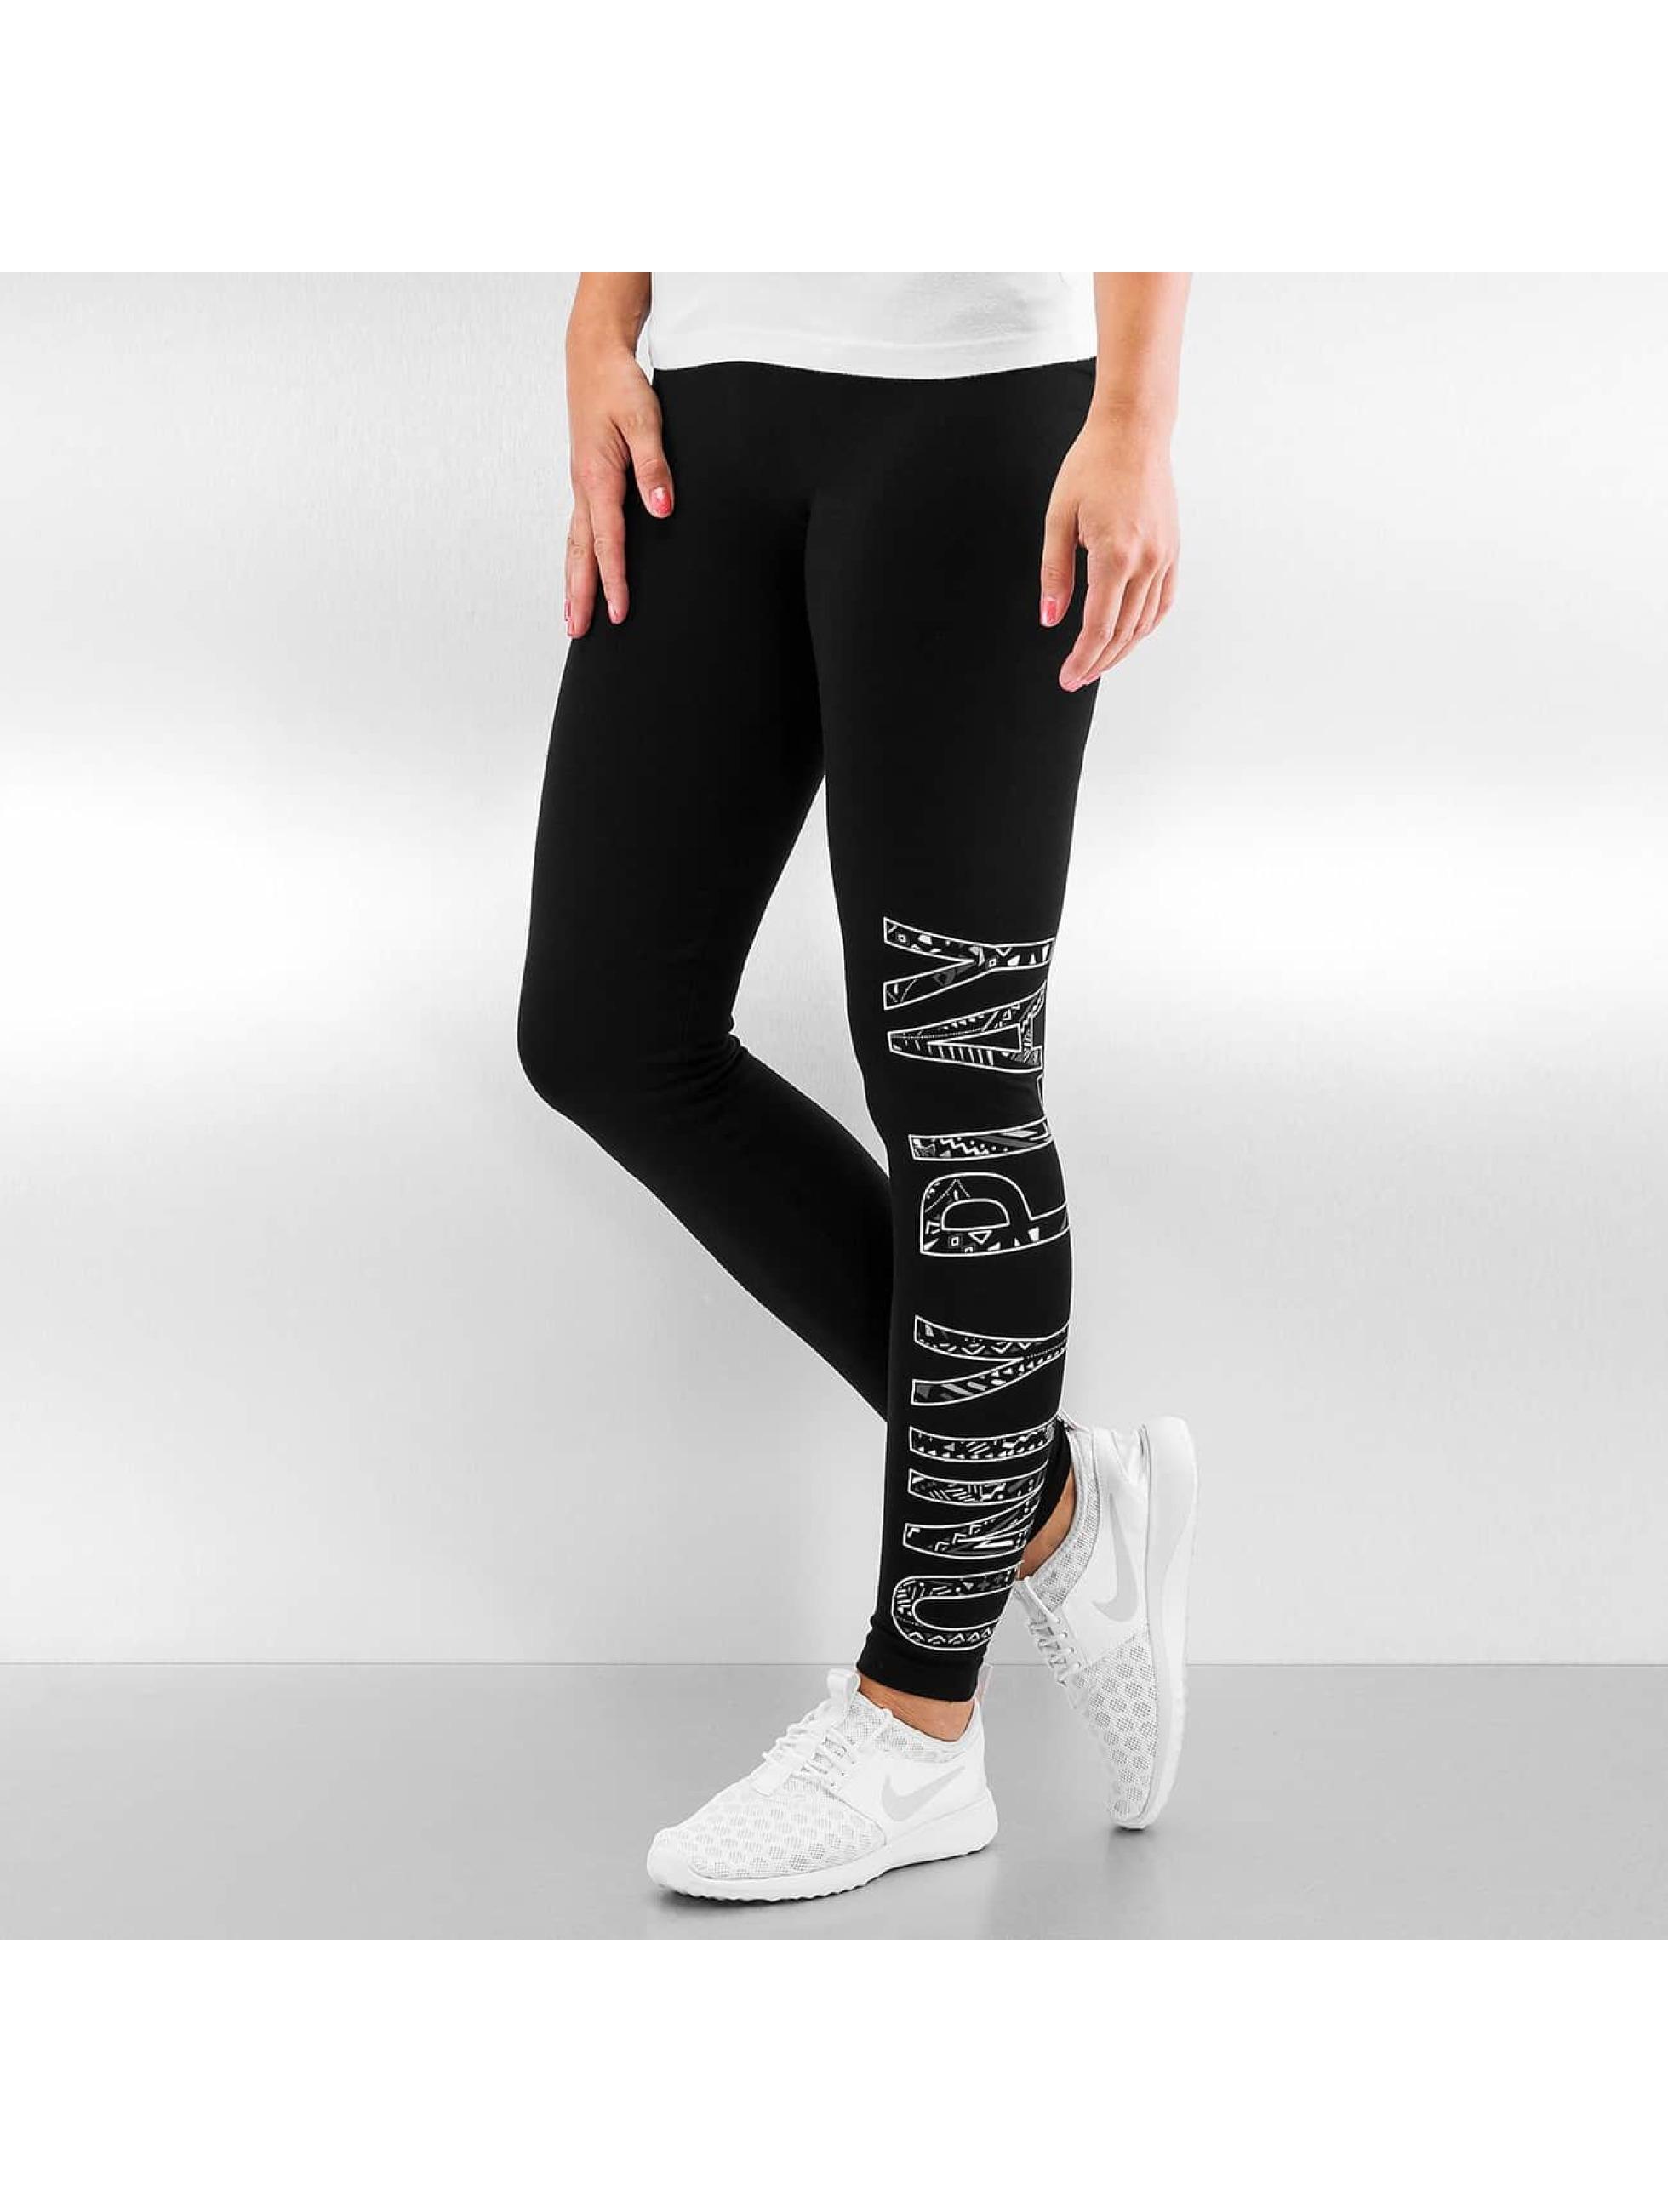 Legging onpTatiana in schwarz